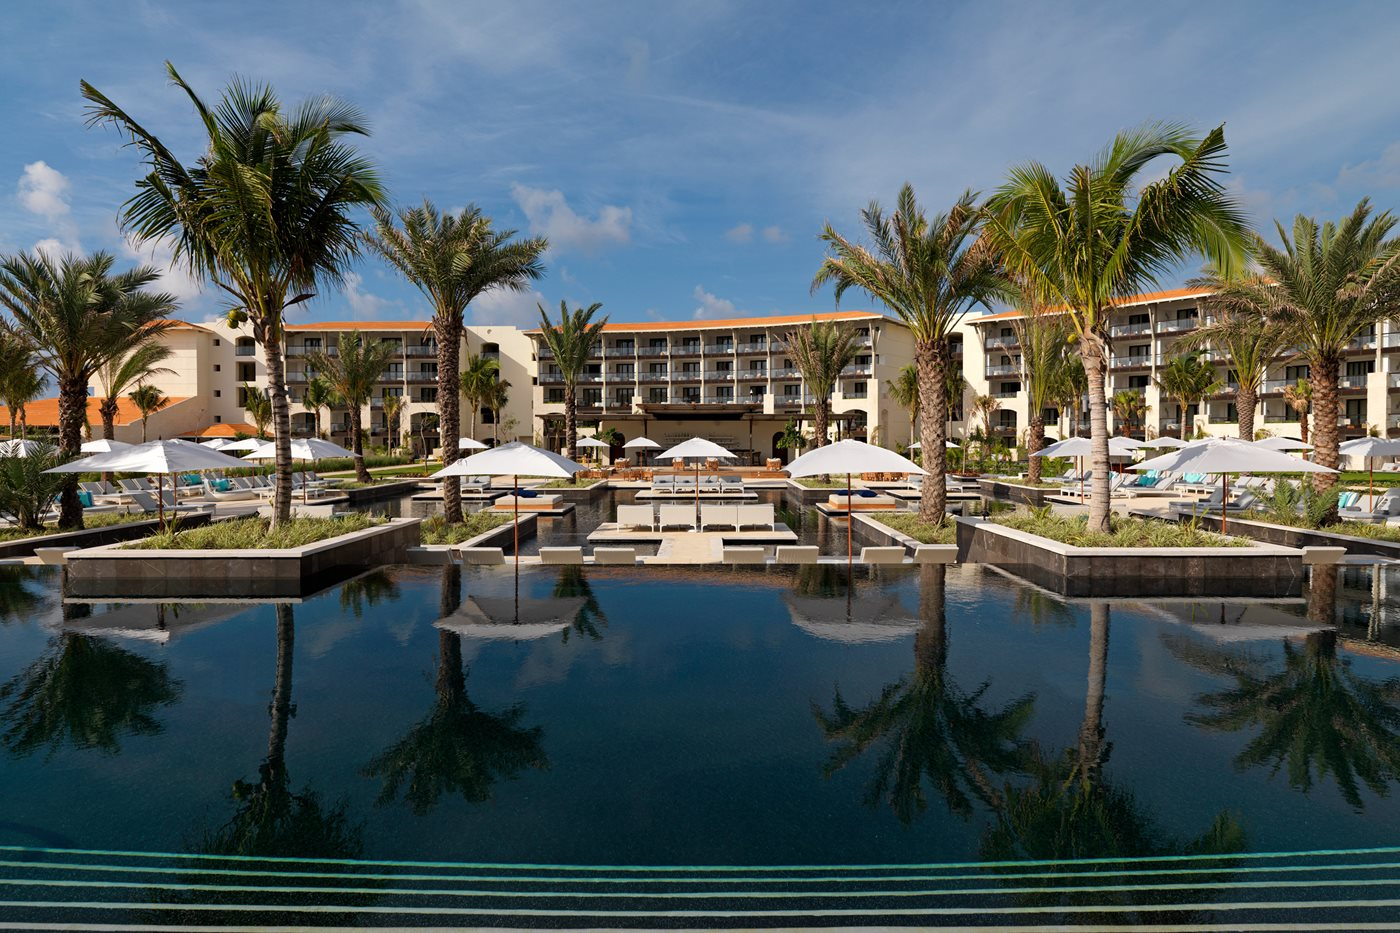 RIV-Unico-Hotel-Riviera-Maya-Pool-La-Unica-003